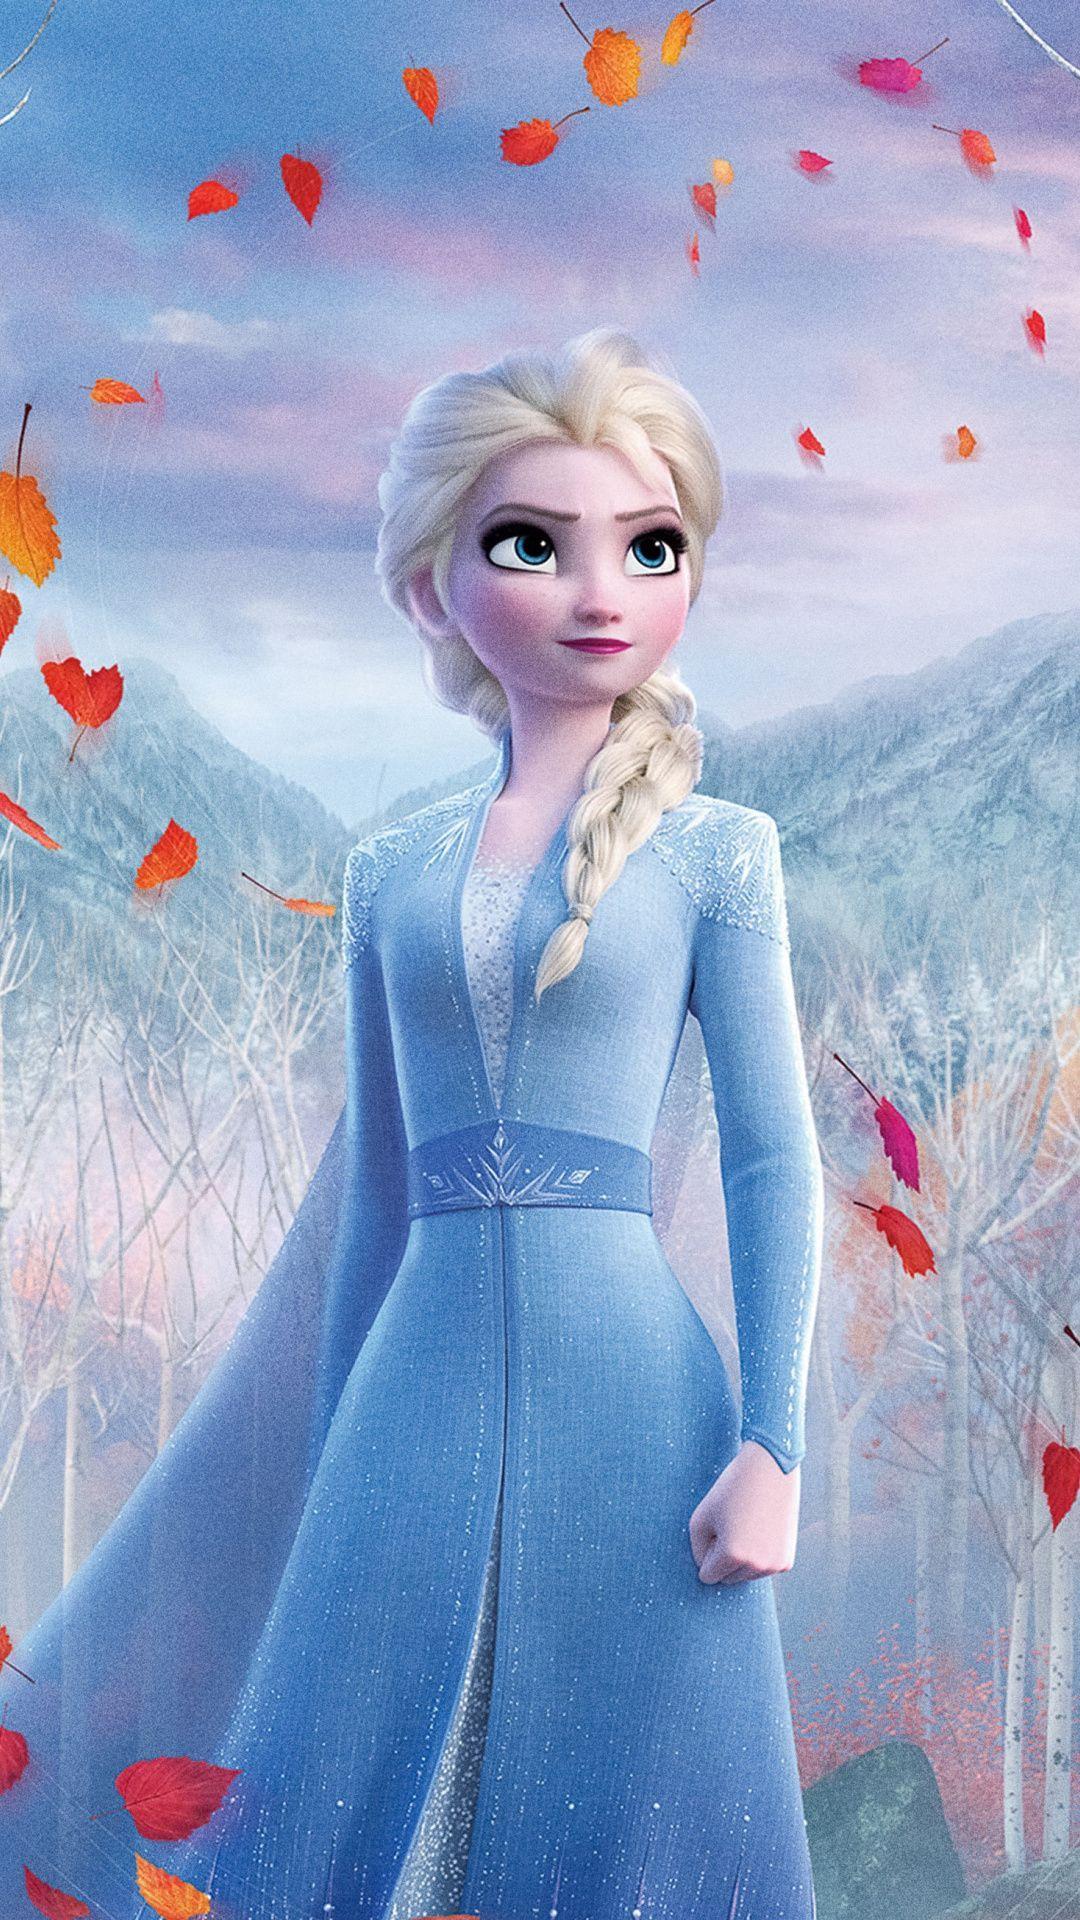 1080x1920 Snow queen, Elsa, Frozen 2, beautiful queen ...